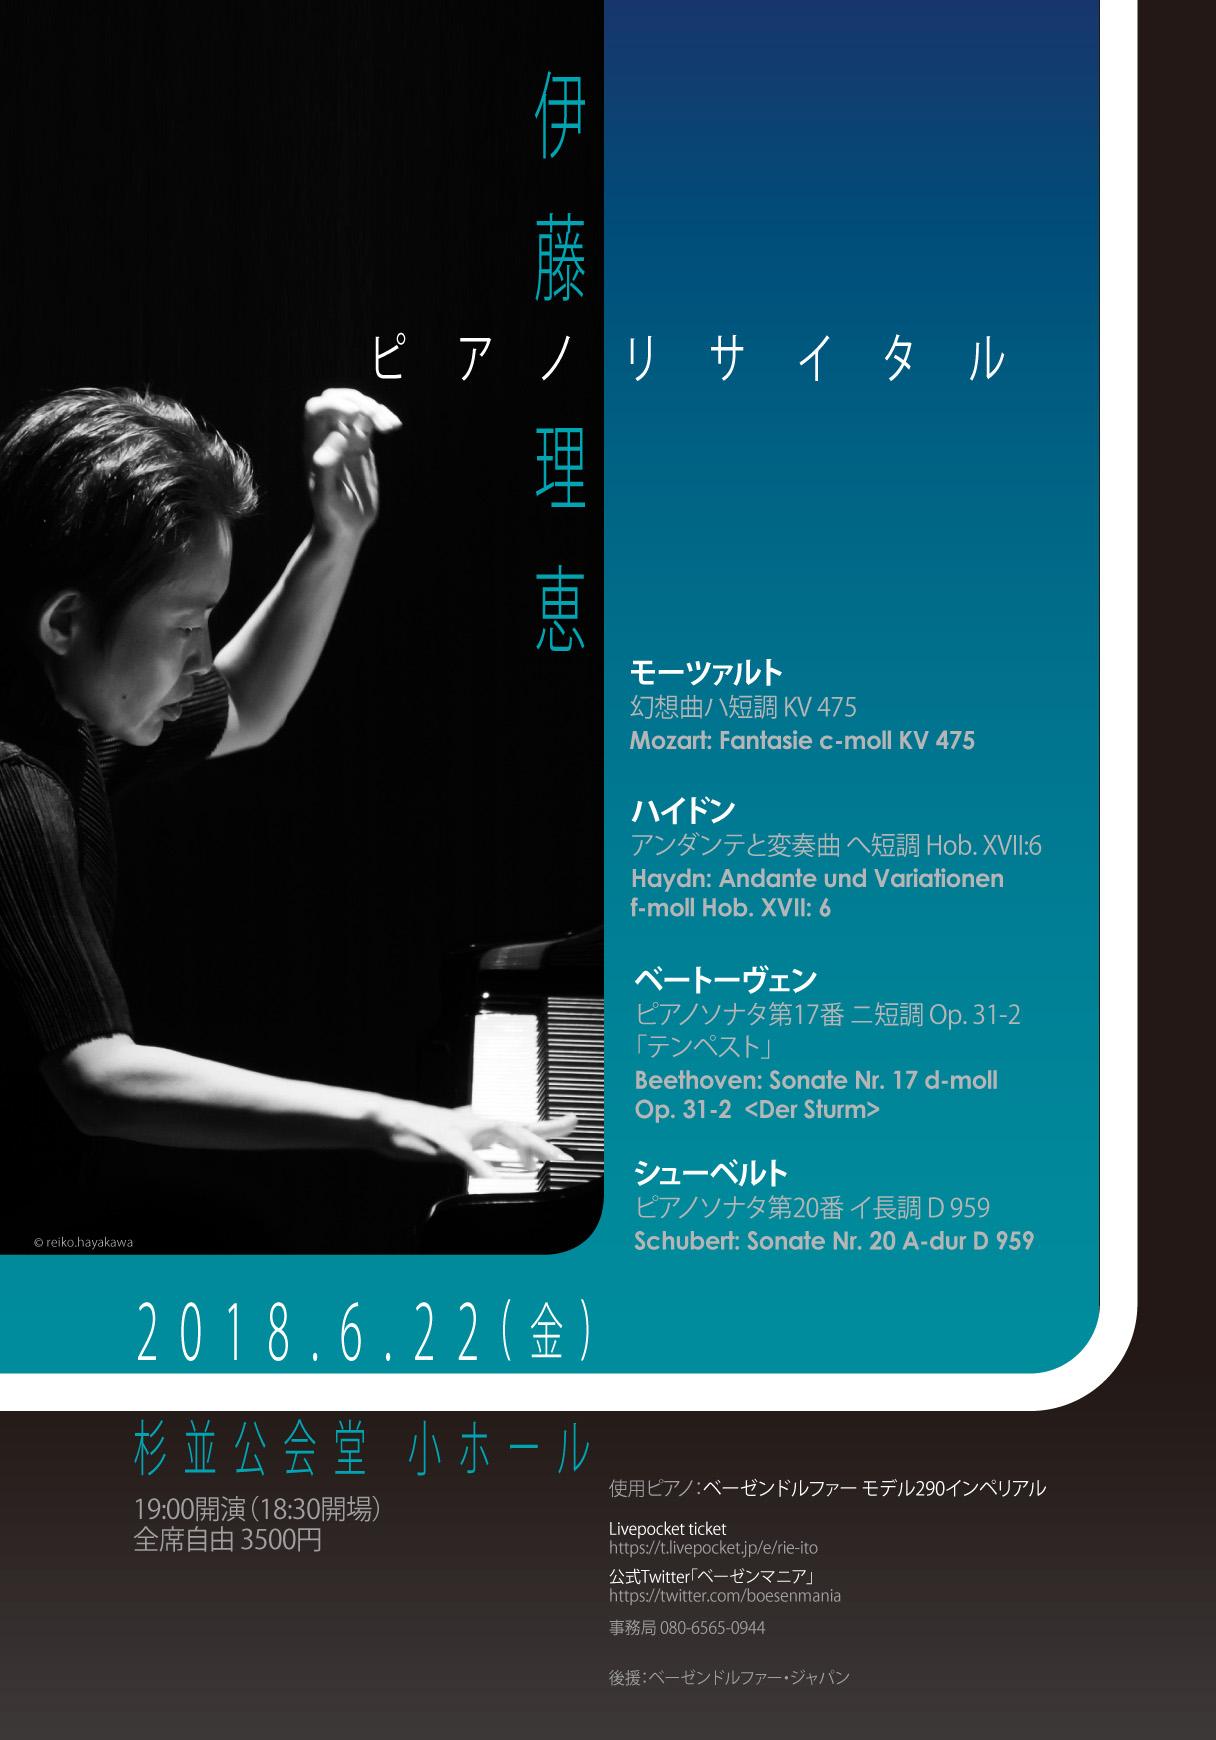 伊藤理恵ピアノリサイタル